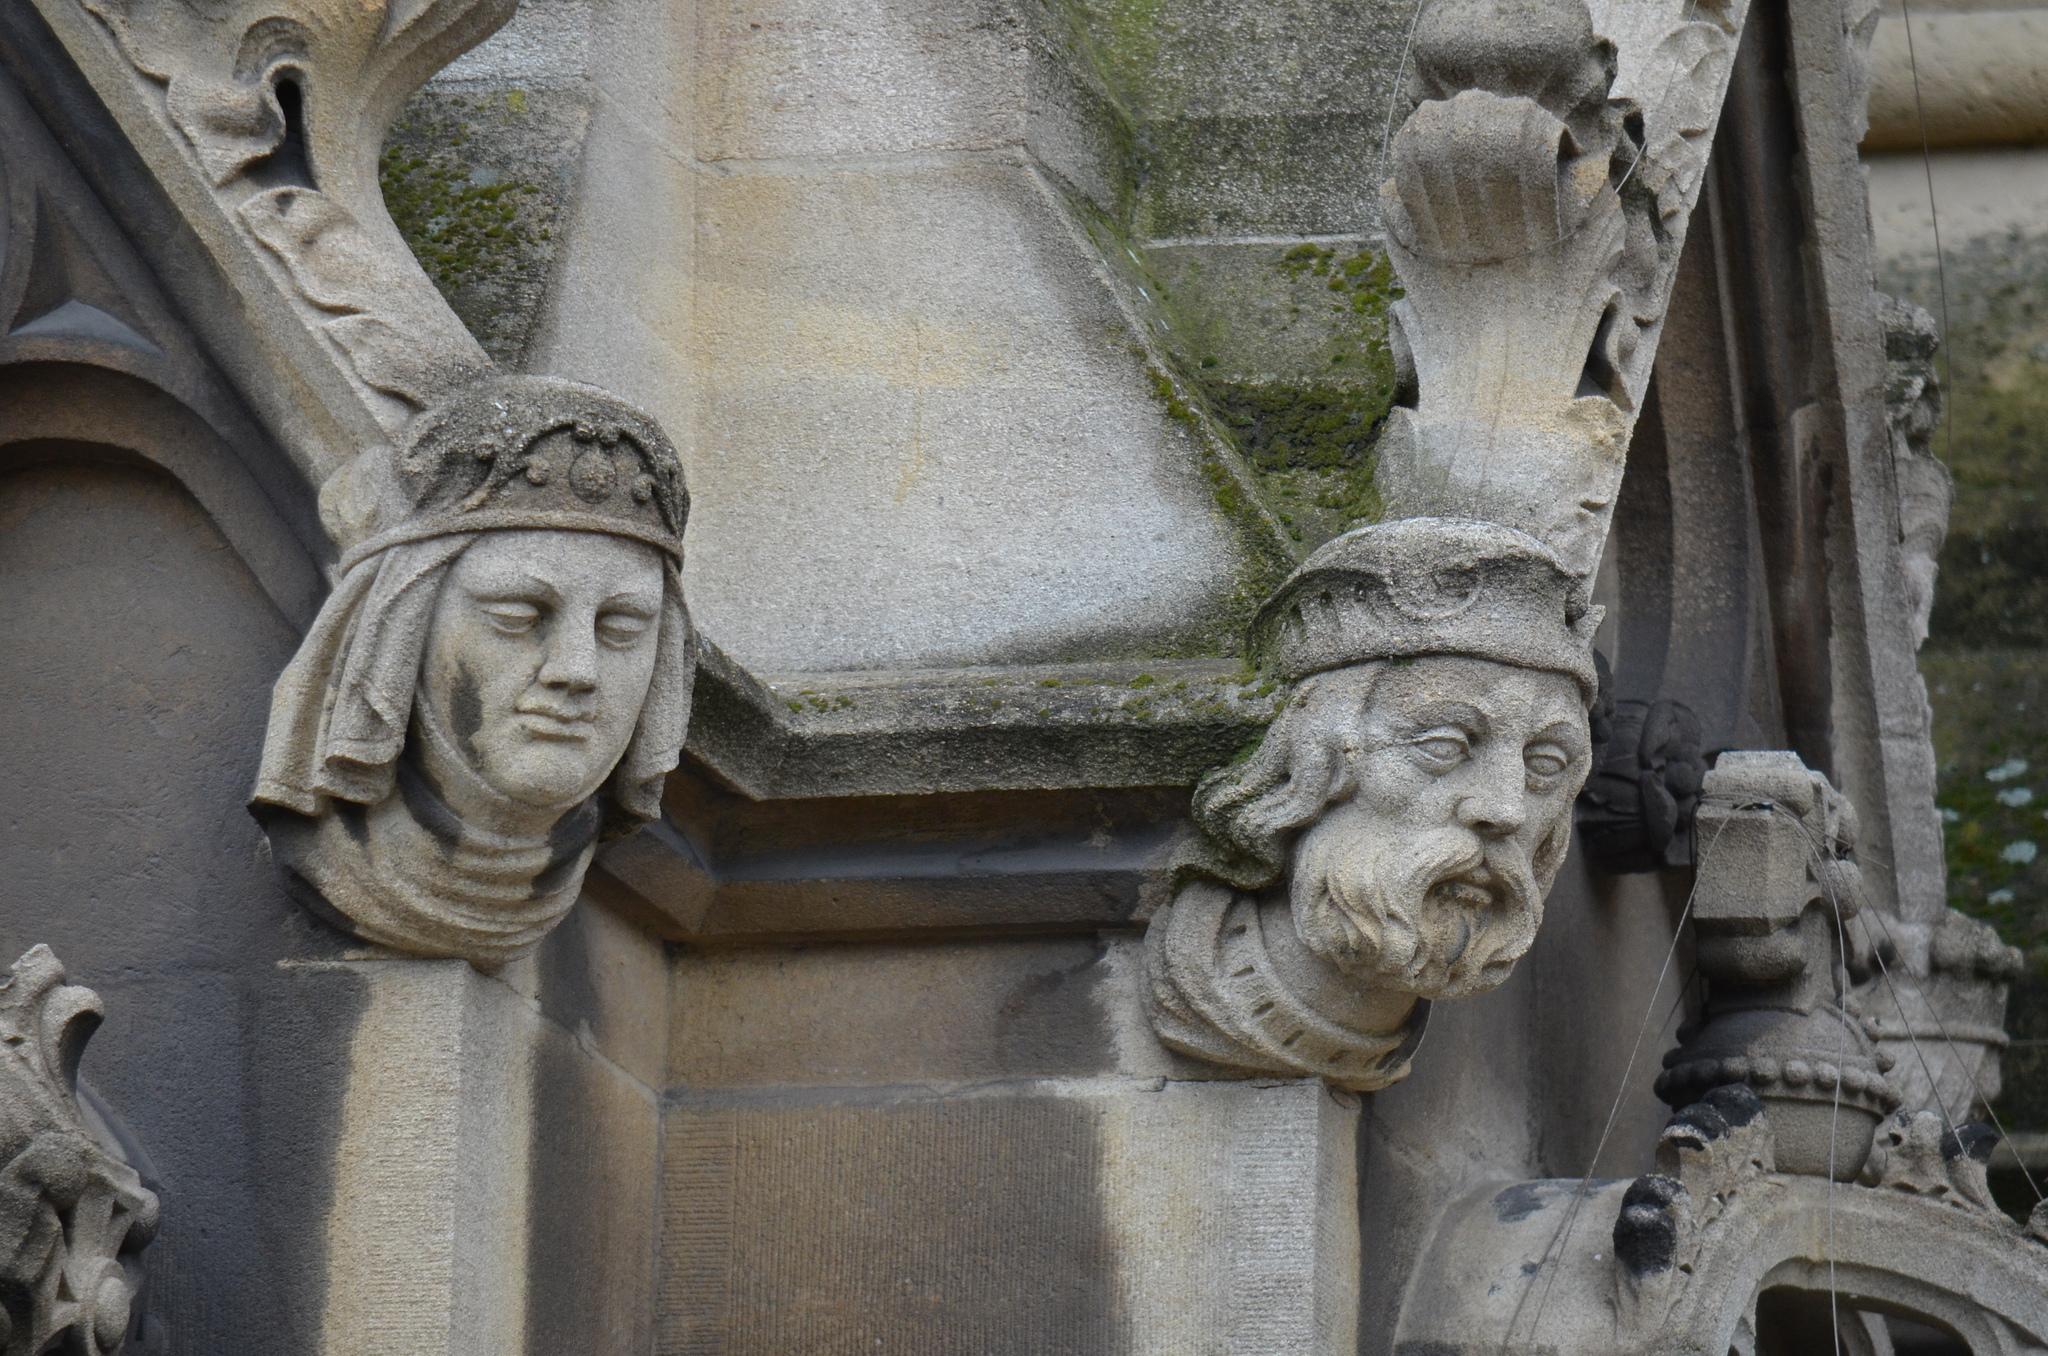 Украшения внешнего фасада, Вестминстерское аббатство, Лондон